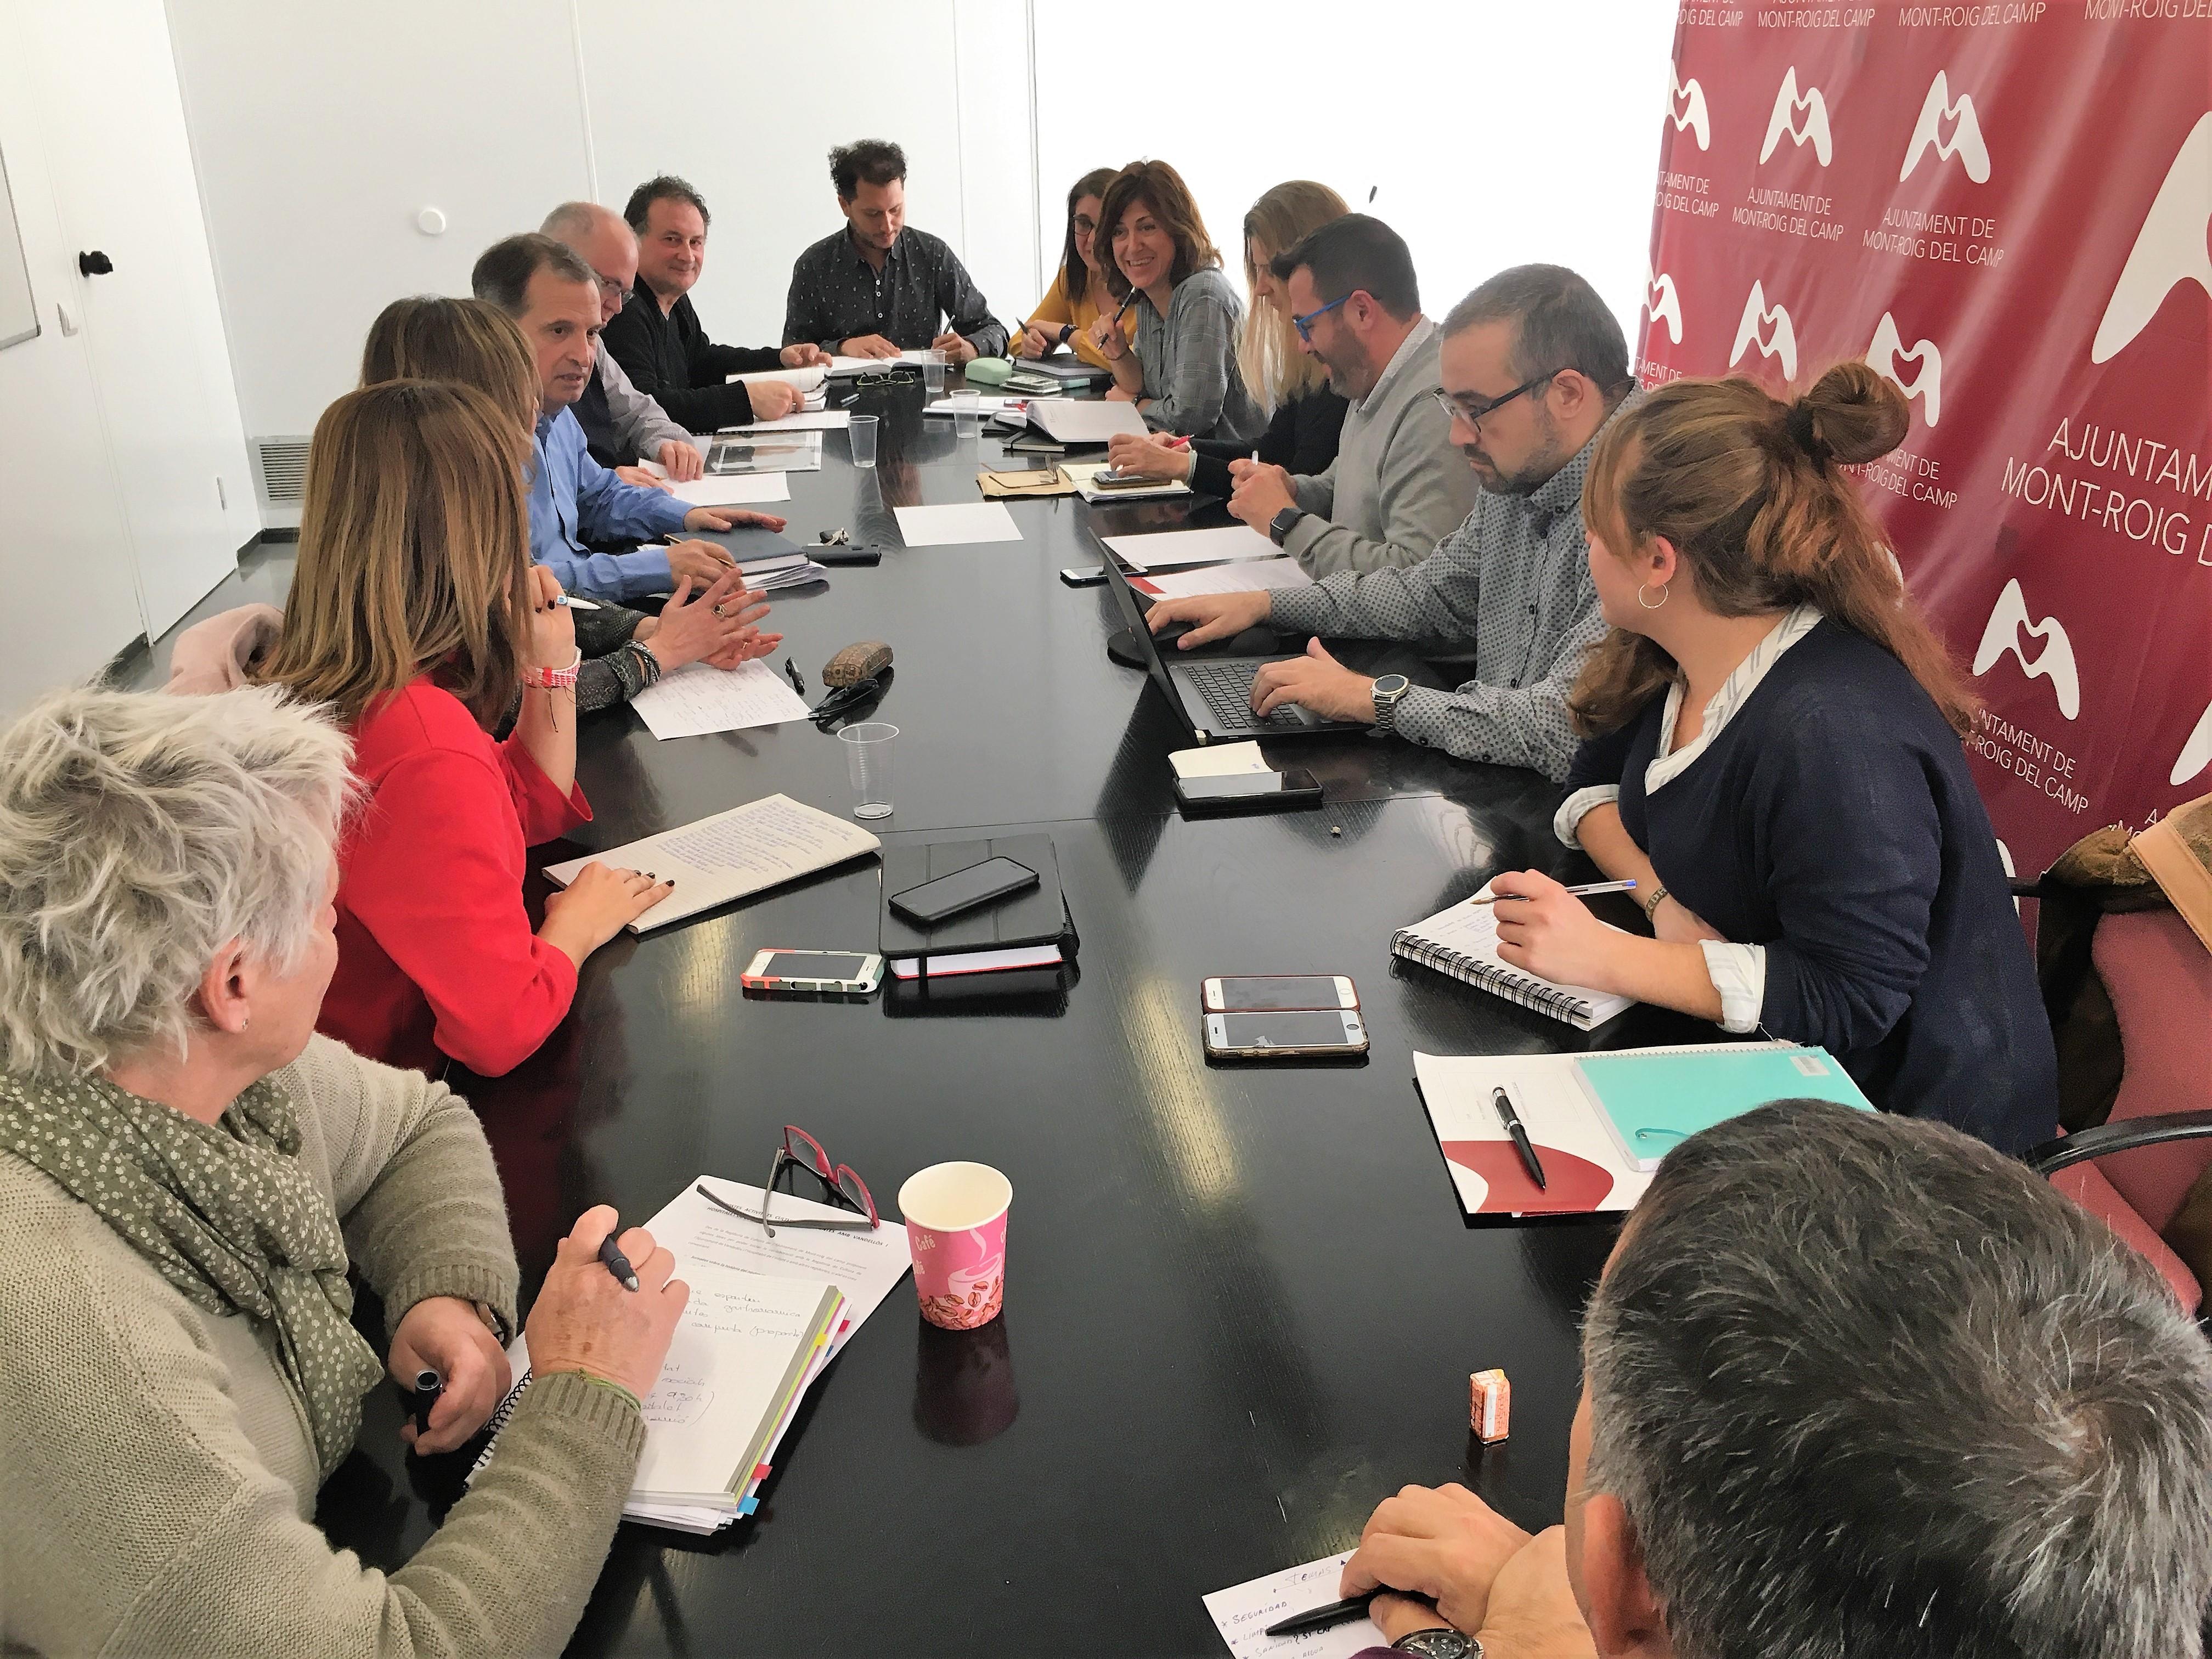 Els ajuntaments de Vandellòs i l'Hospitalet de l'Infant i de Mont-roig del Camp col·laboraran per optimitzar i millorar els serveis públics